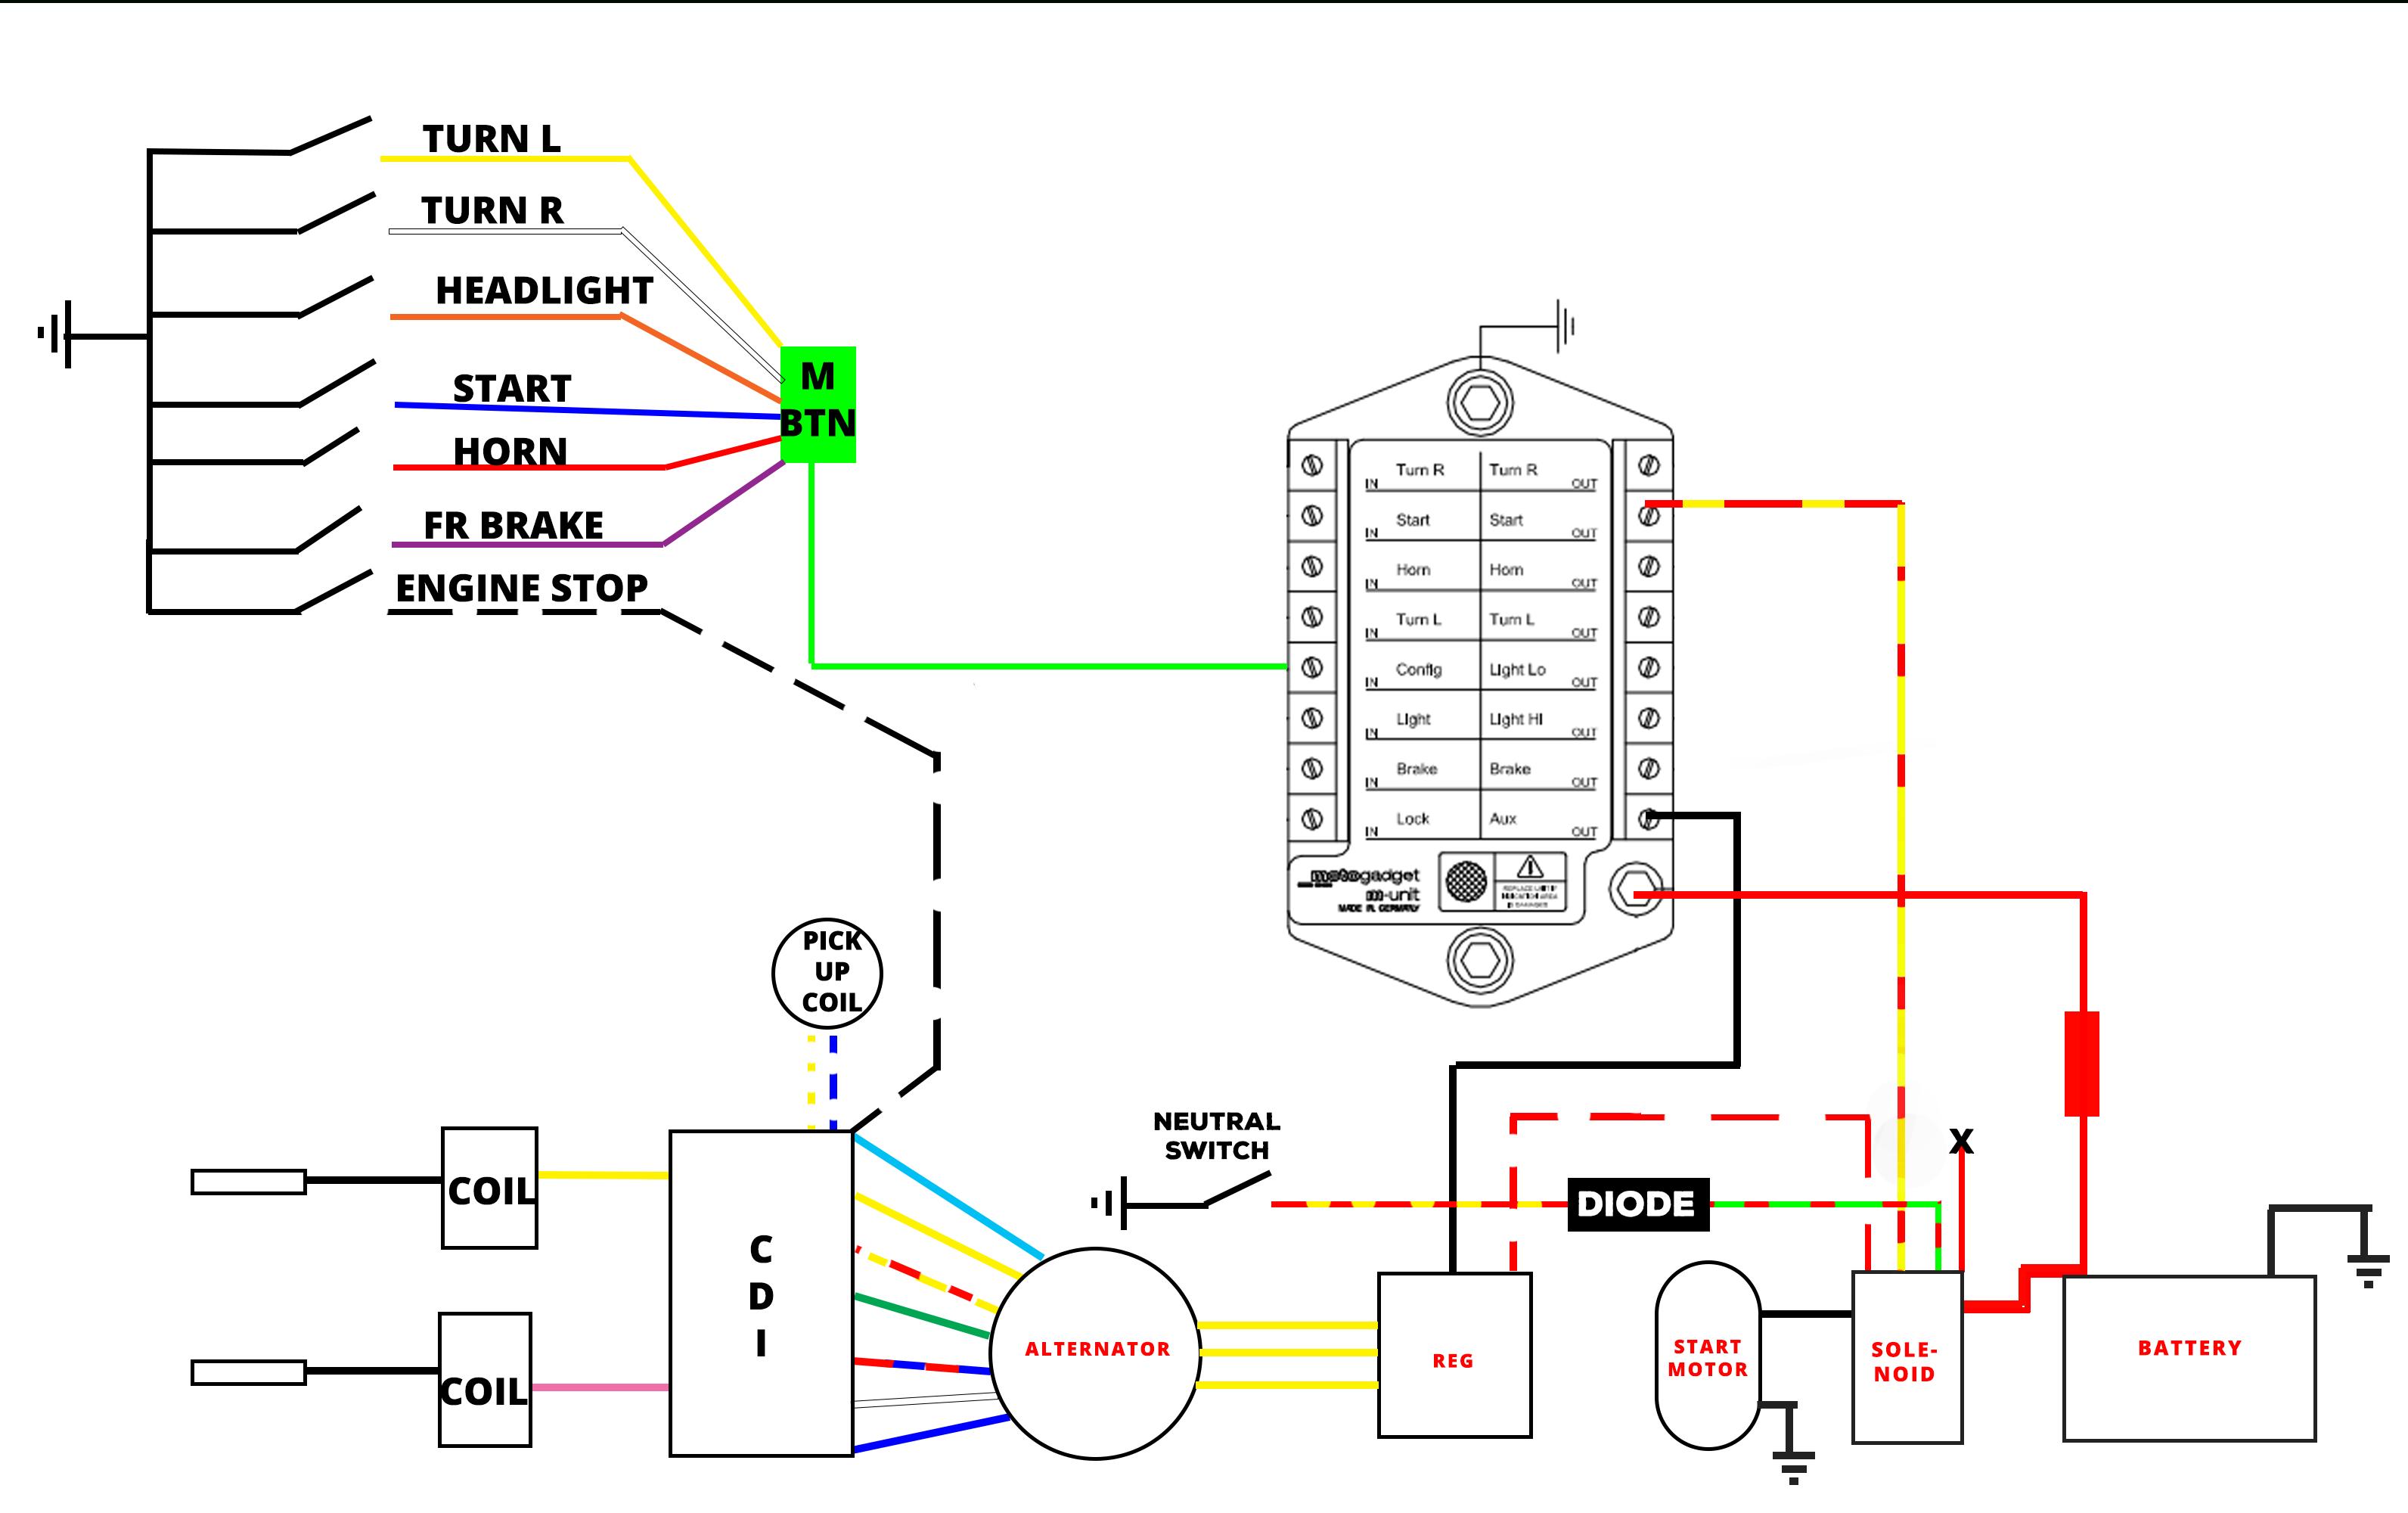 Atv Cdi Box Wiring - Wiring Diagram Data - Cdi Wiring Diagram